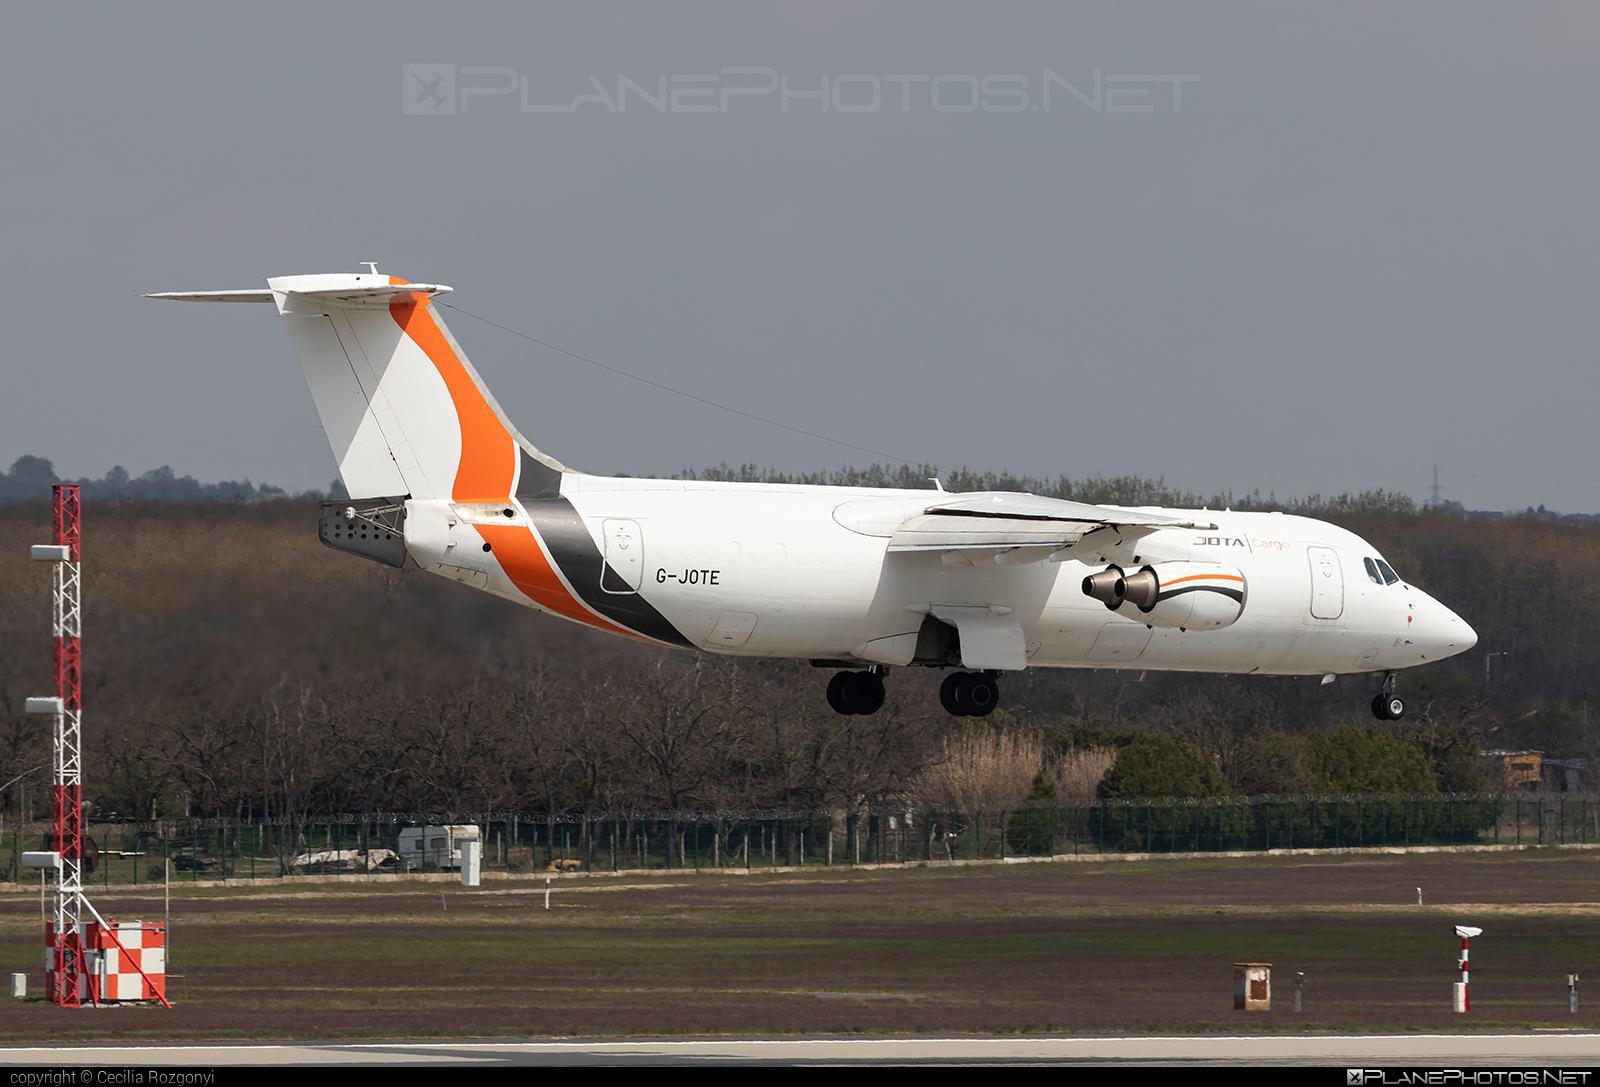 British Aerospace BAe 146-300QT - G-JOTE operated by Jota Aviation #bae146 #bae146300 #bae146300qt #bae146qt #britishaerospace #jumbolino